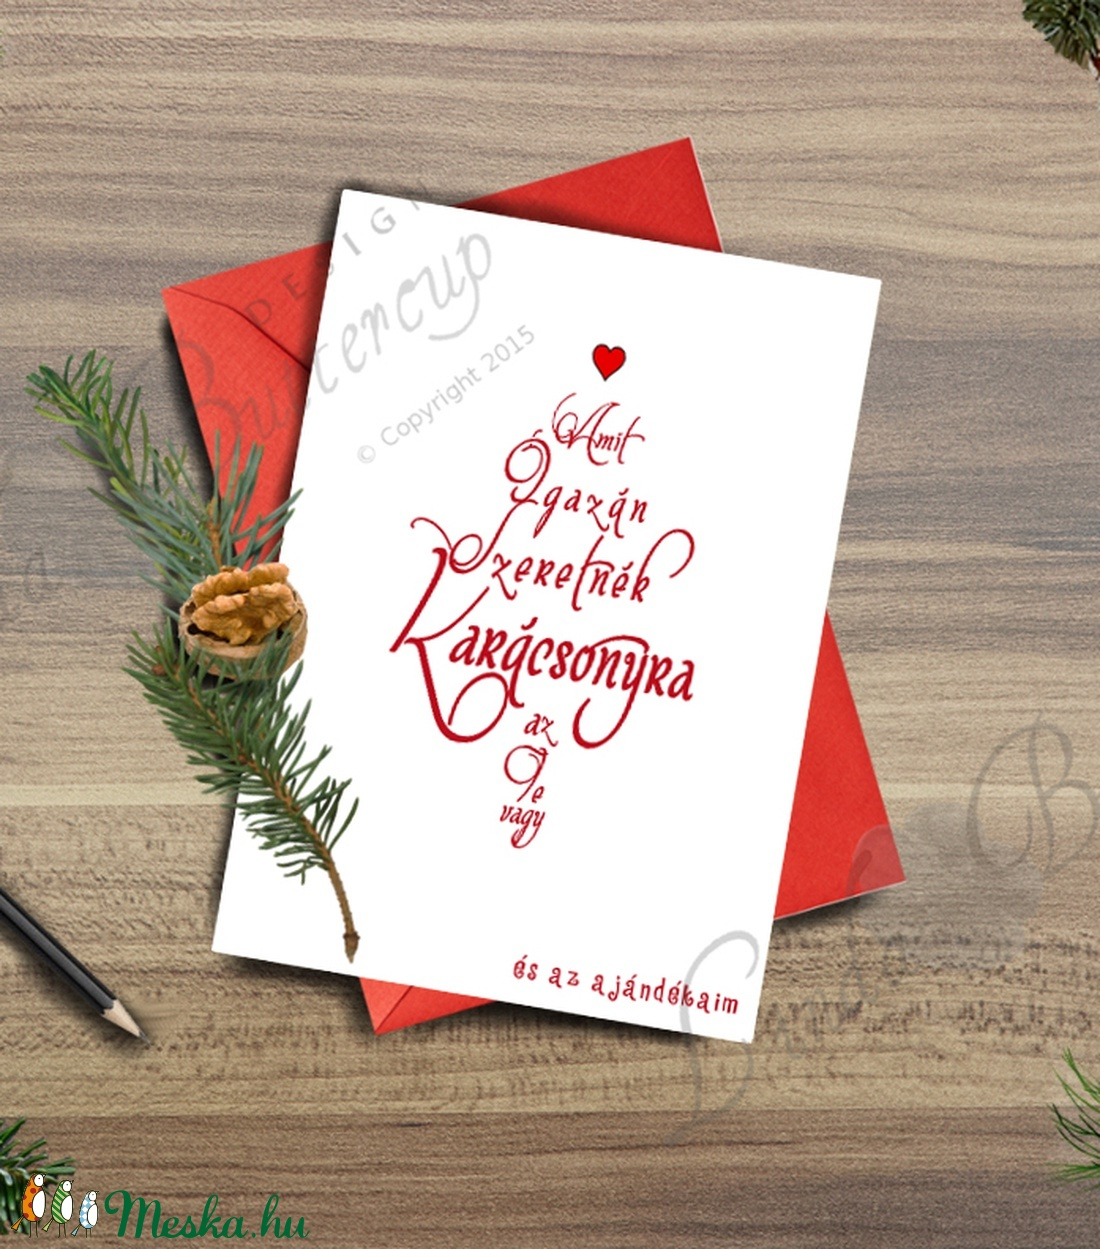 Karácsonyi Képeslap, Adventi Képeslap, Vicces Karácsonyi lap, Karácsonyi Szerelmes üdvözlőlap  - karácsony - karácsonyi ajándékozás - karácsonyi képeslap, üdvözlőlap, ajándékkísérő - Meska.hu